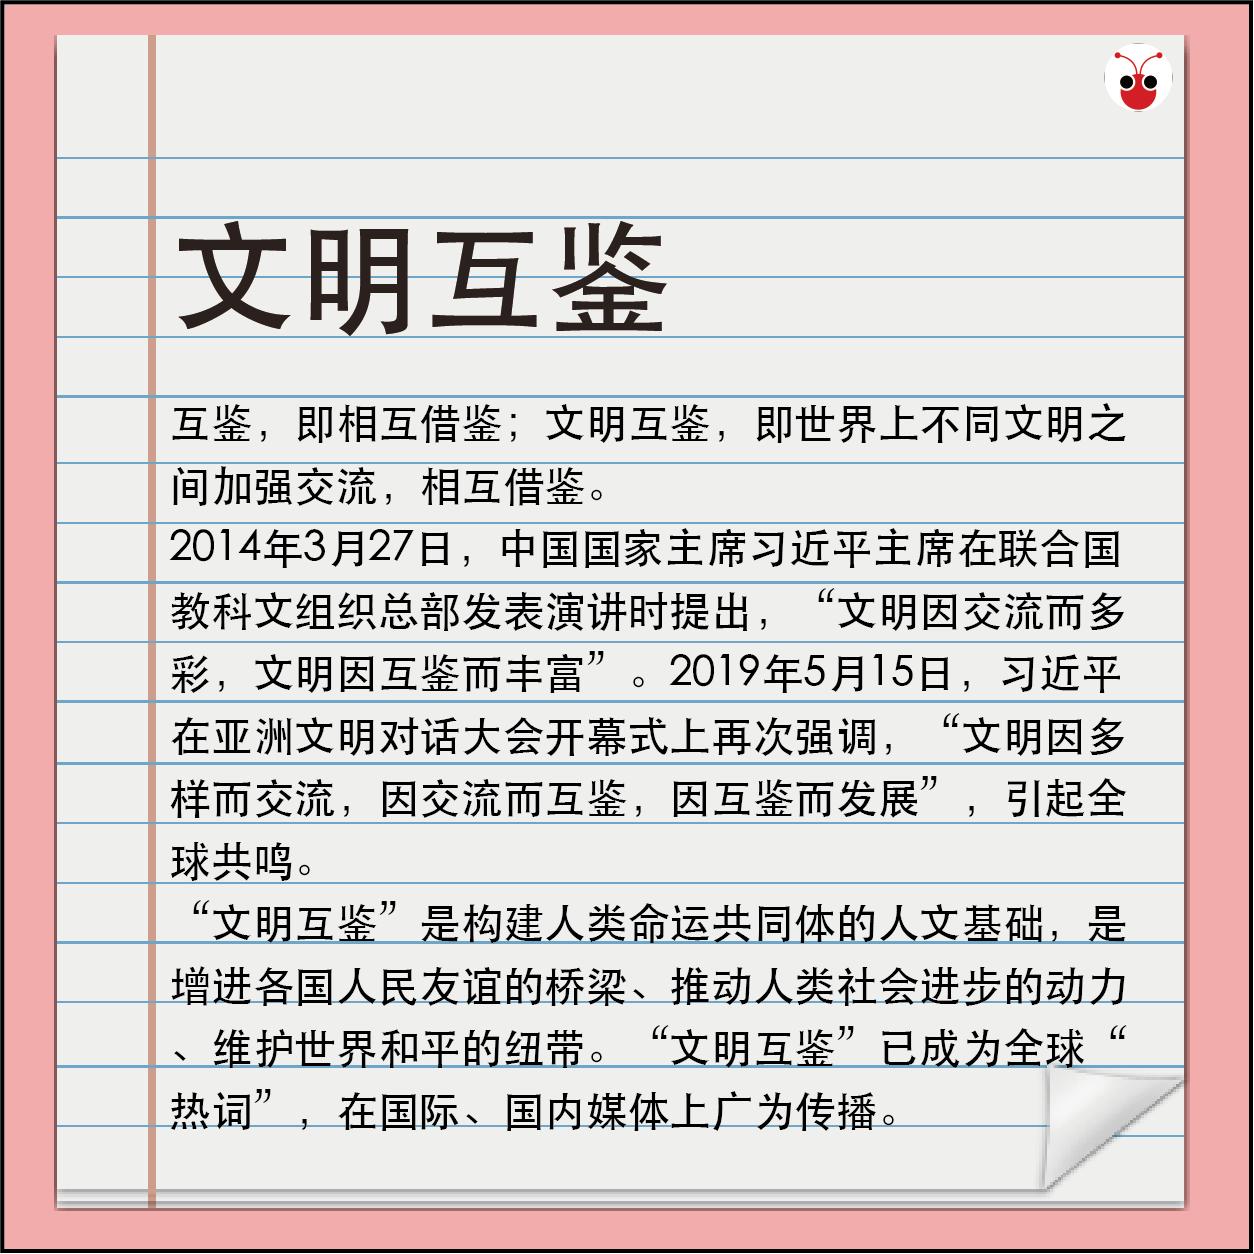 文明互鉴.png